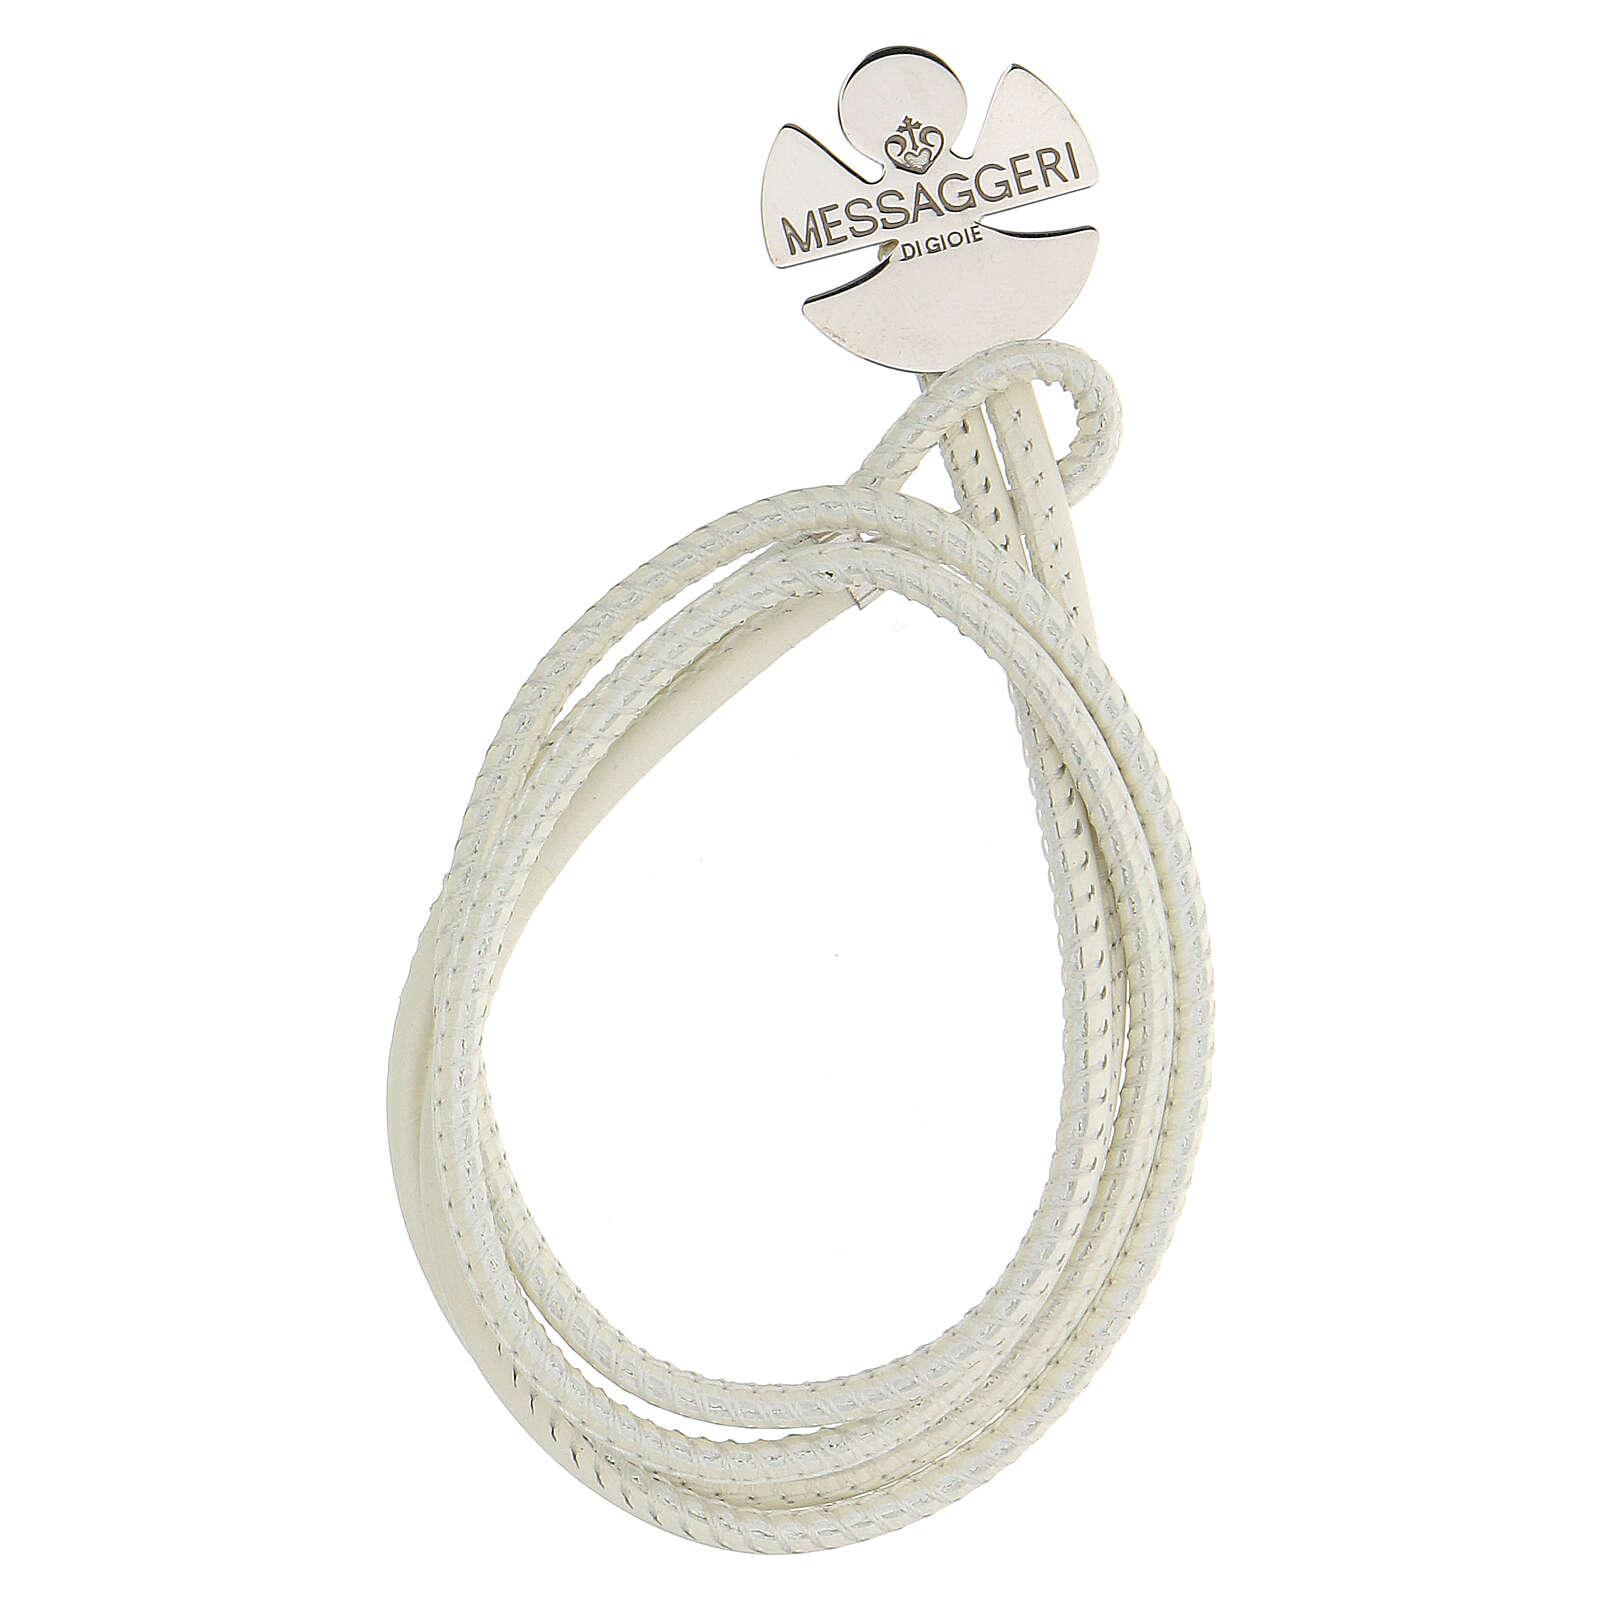 Bracelet ange argent 925 Messaggeri di Gioie blanc 4